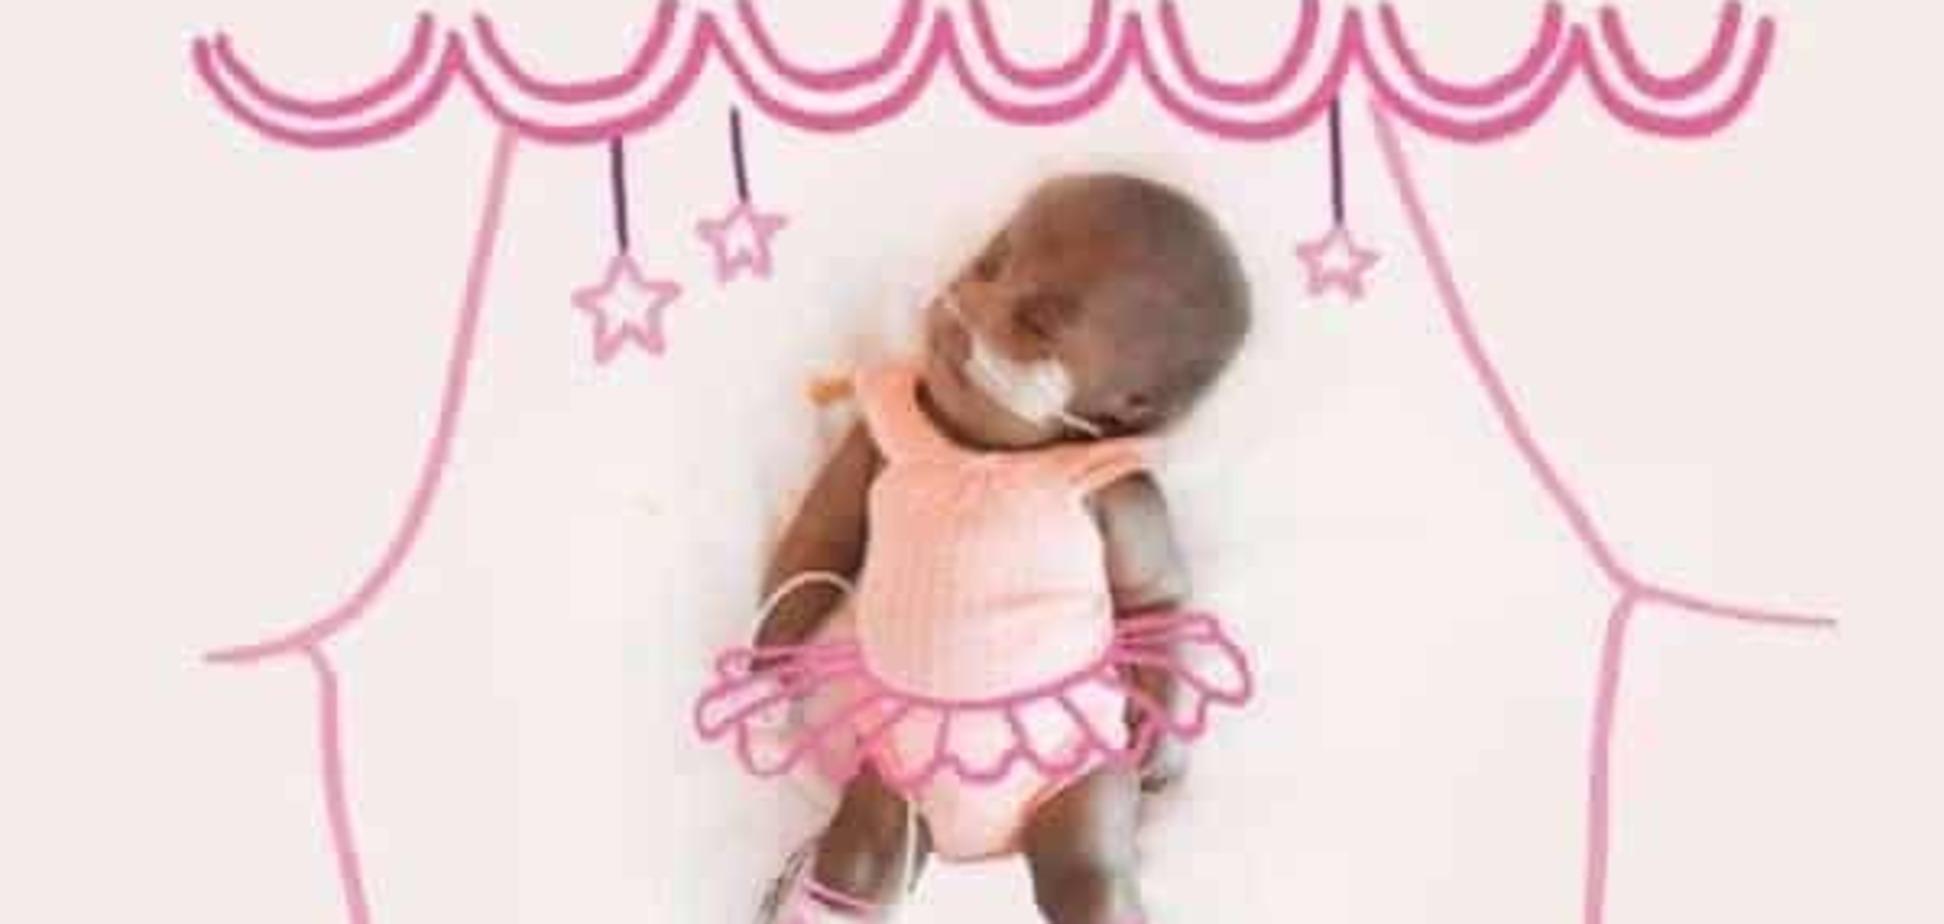 Врачи отделения интенсивной терапии для новорожденных создали невероятный проект